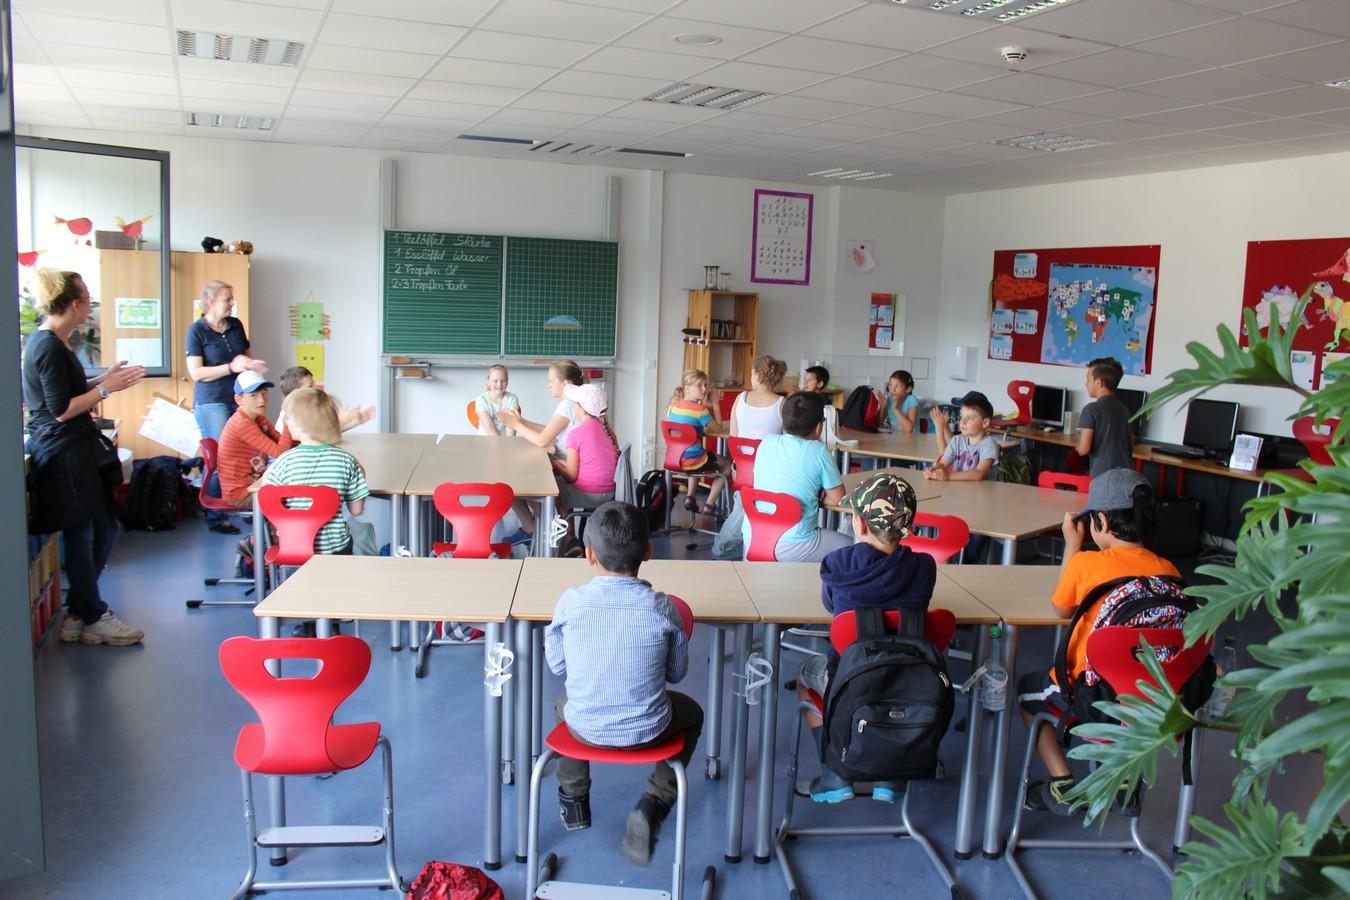 Singend starten die Kinder mit ihren Lehrerinnen in den Projekttag ...